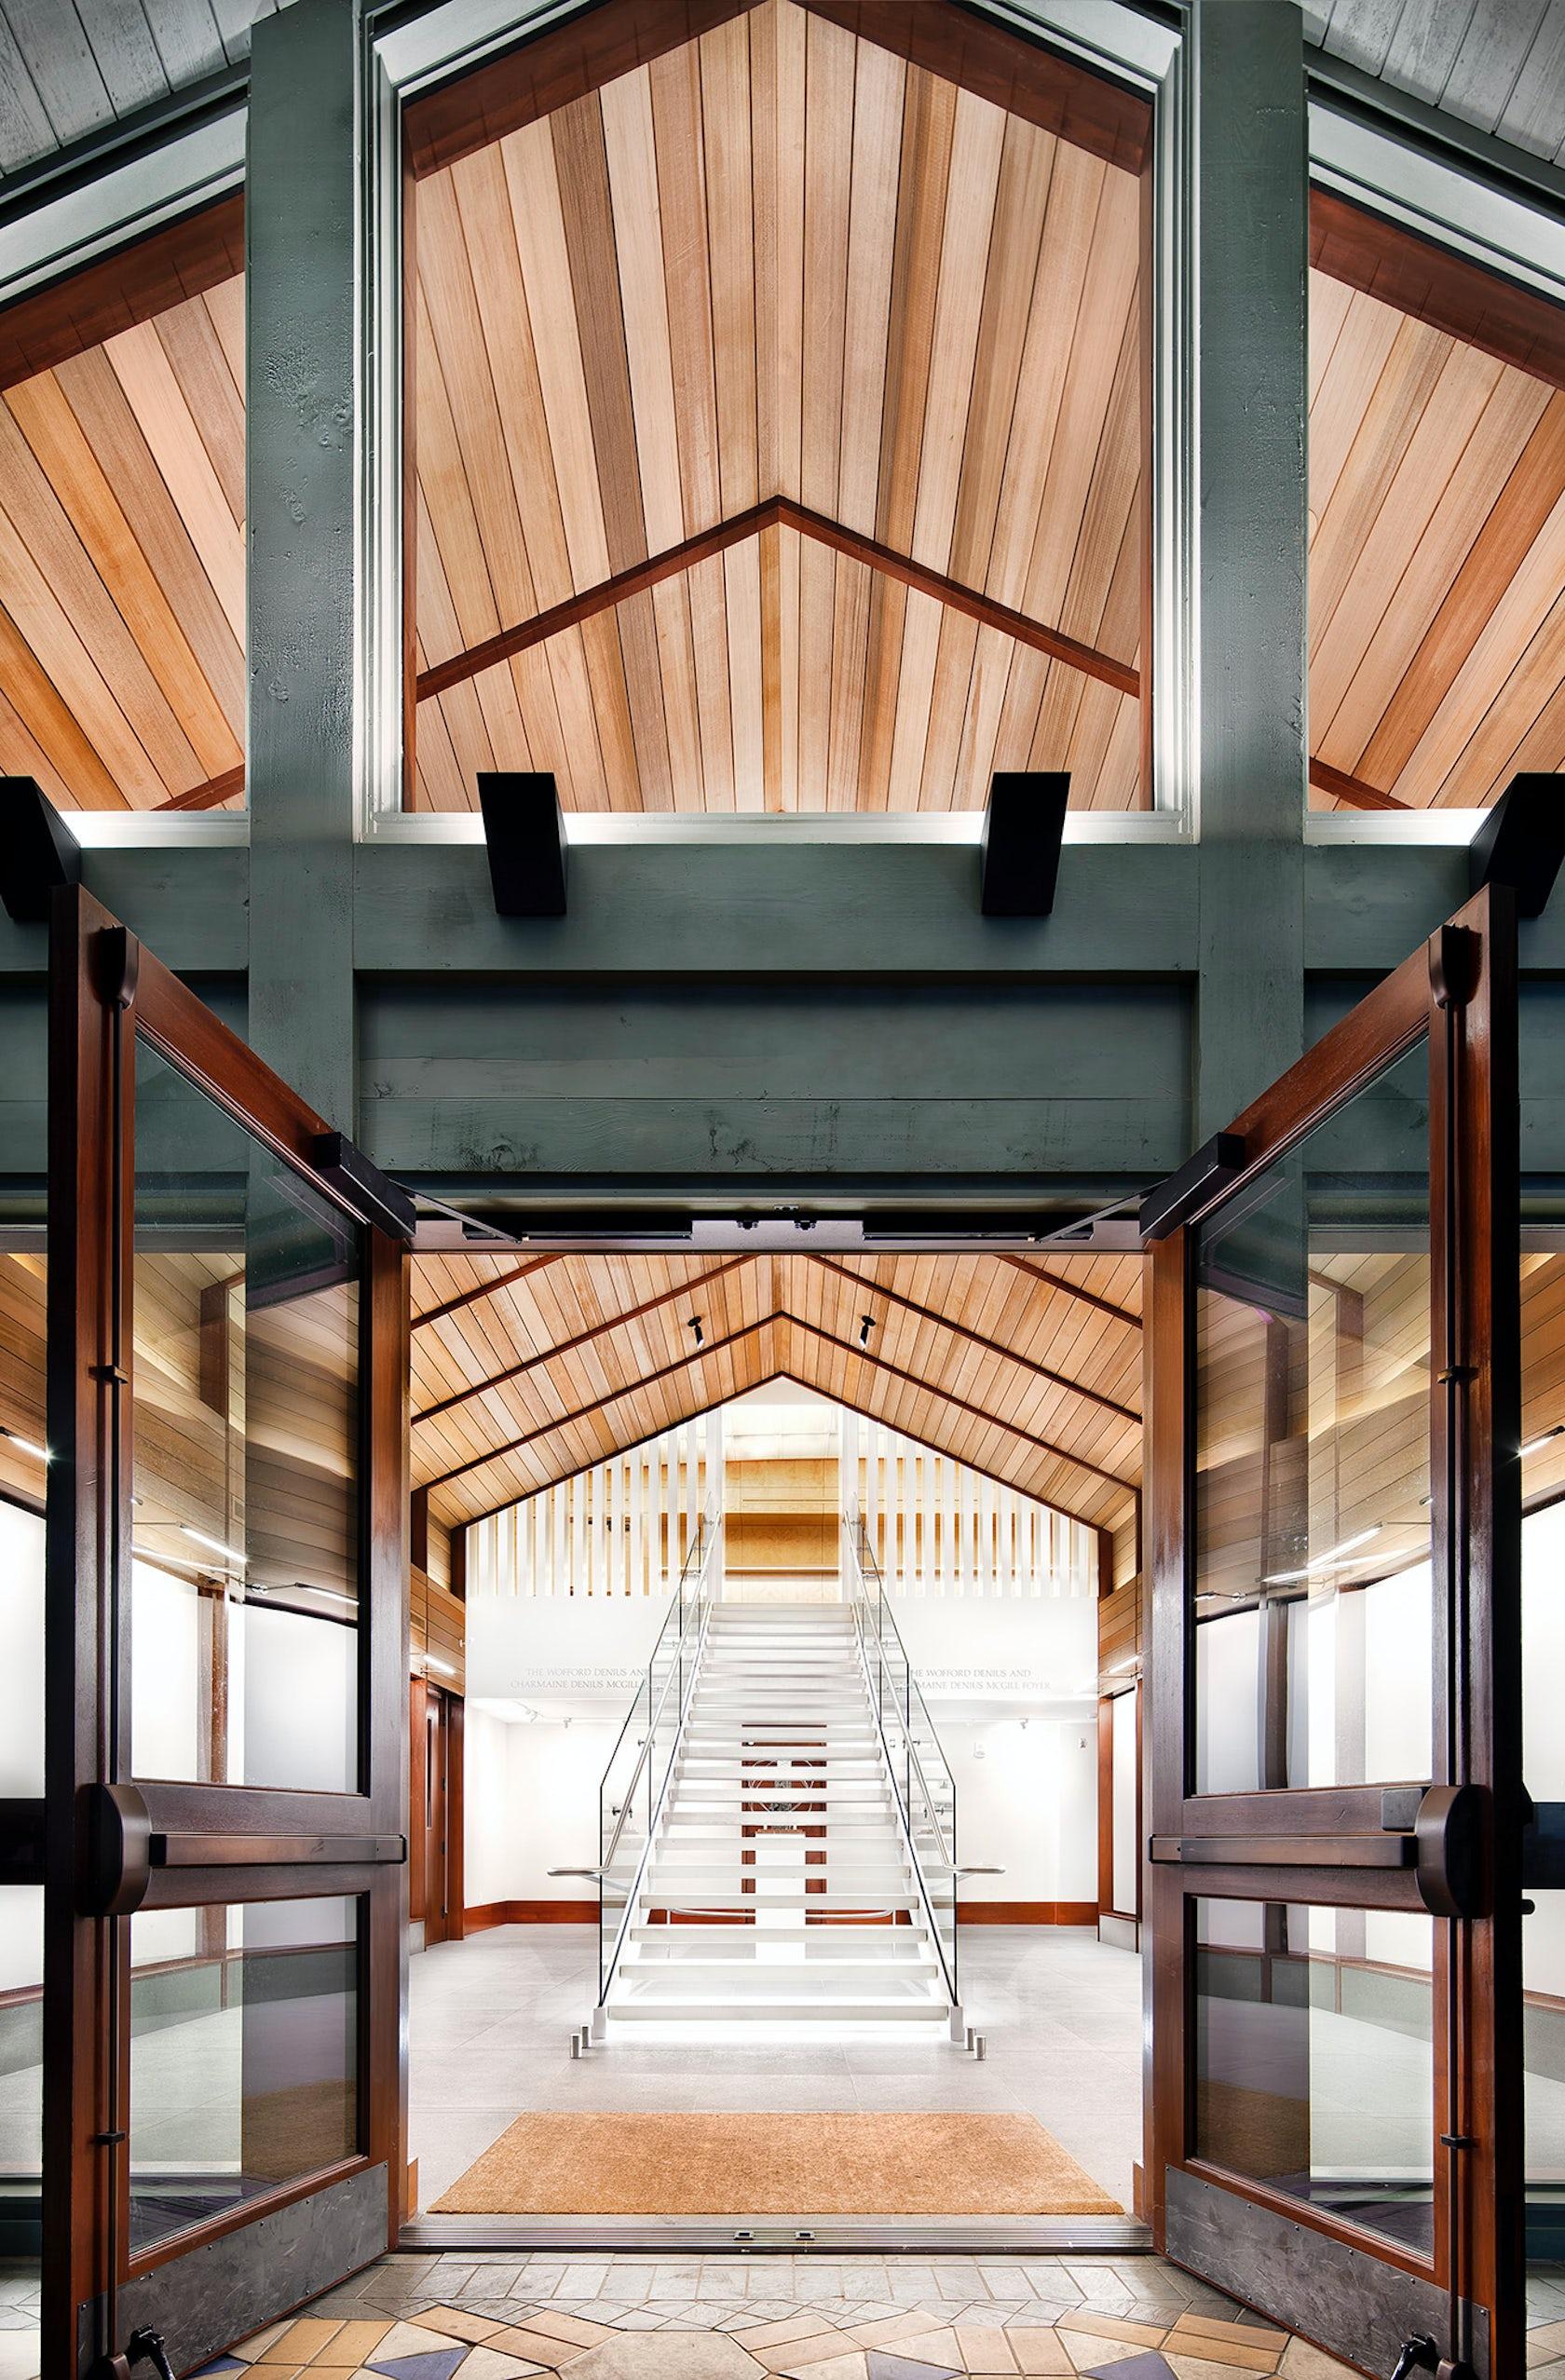 Texas Exes Alumni Center Architizer